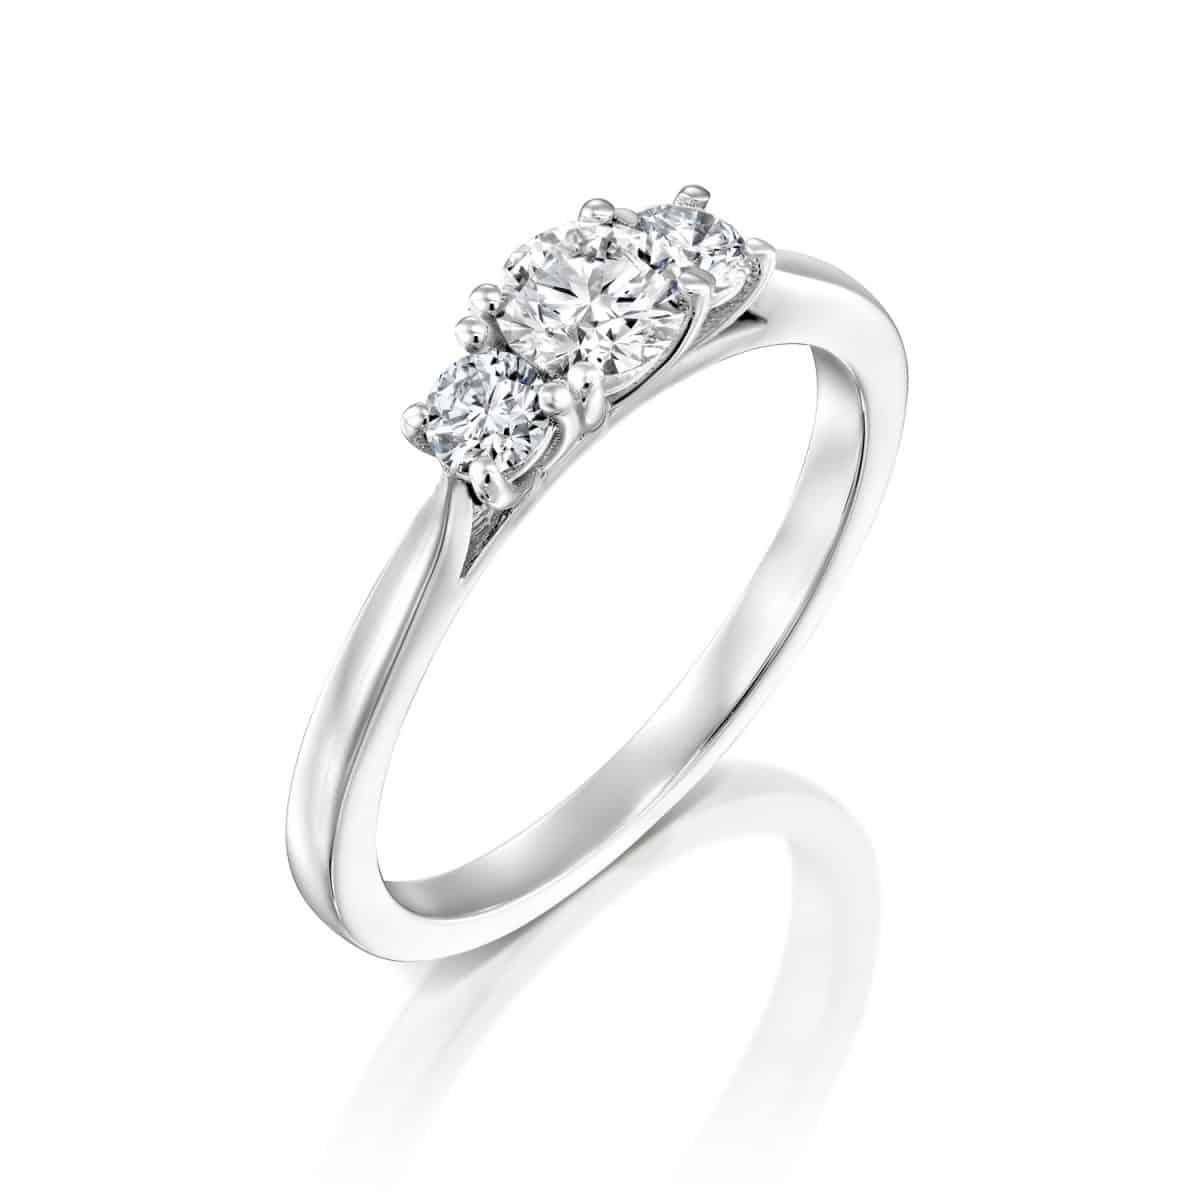 Bar - White Gold Lab Grown Diamond Engagement Ring 0.50ct. - main